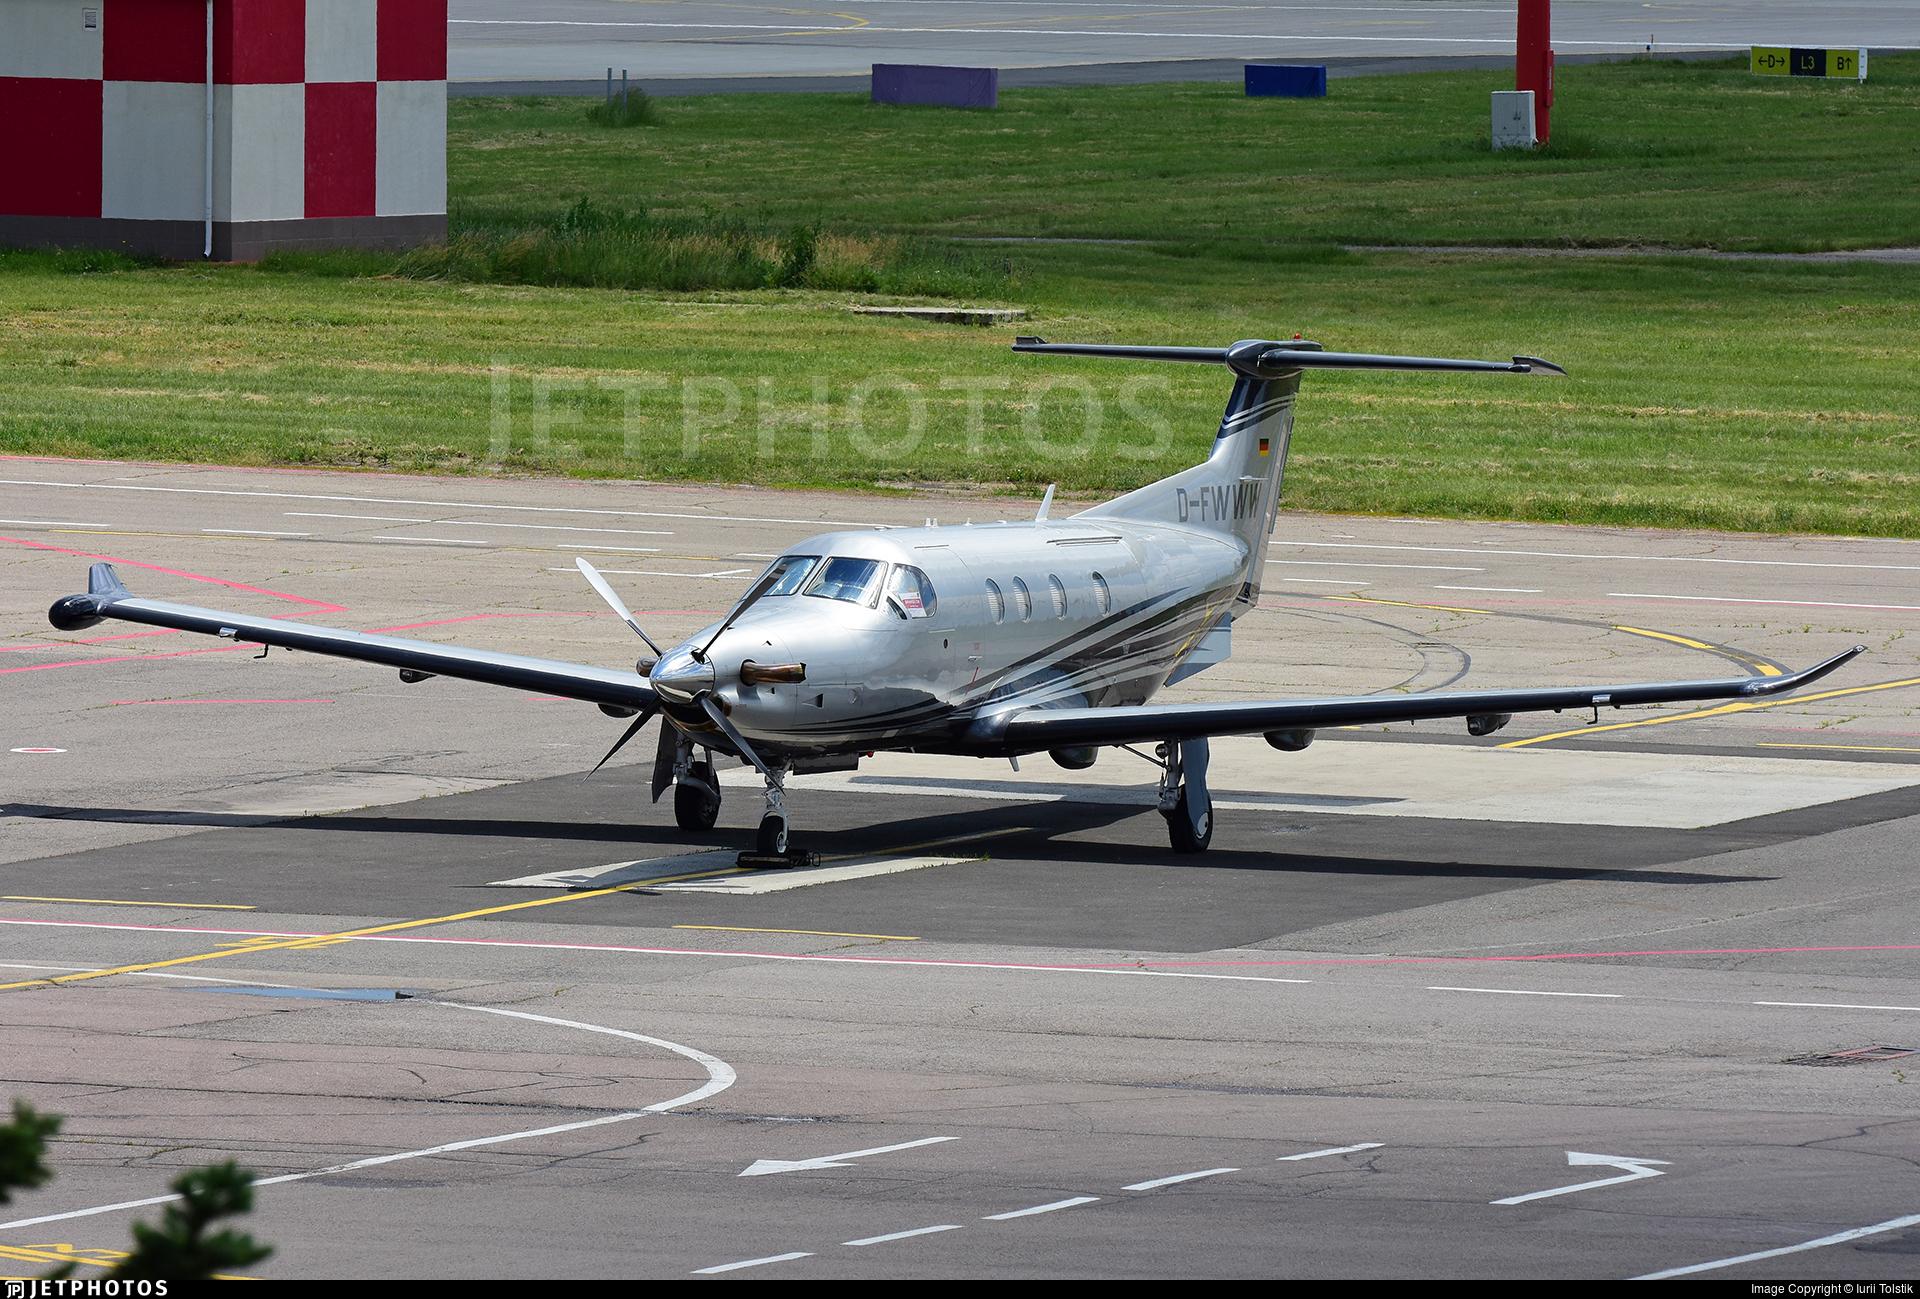 D-FWWW - Pilatus PC-12/47E - Private